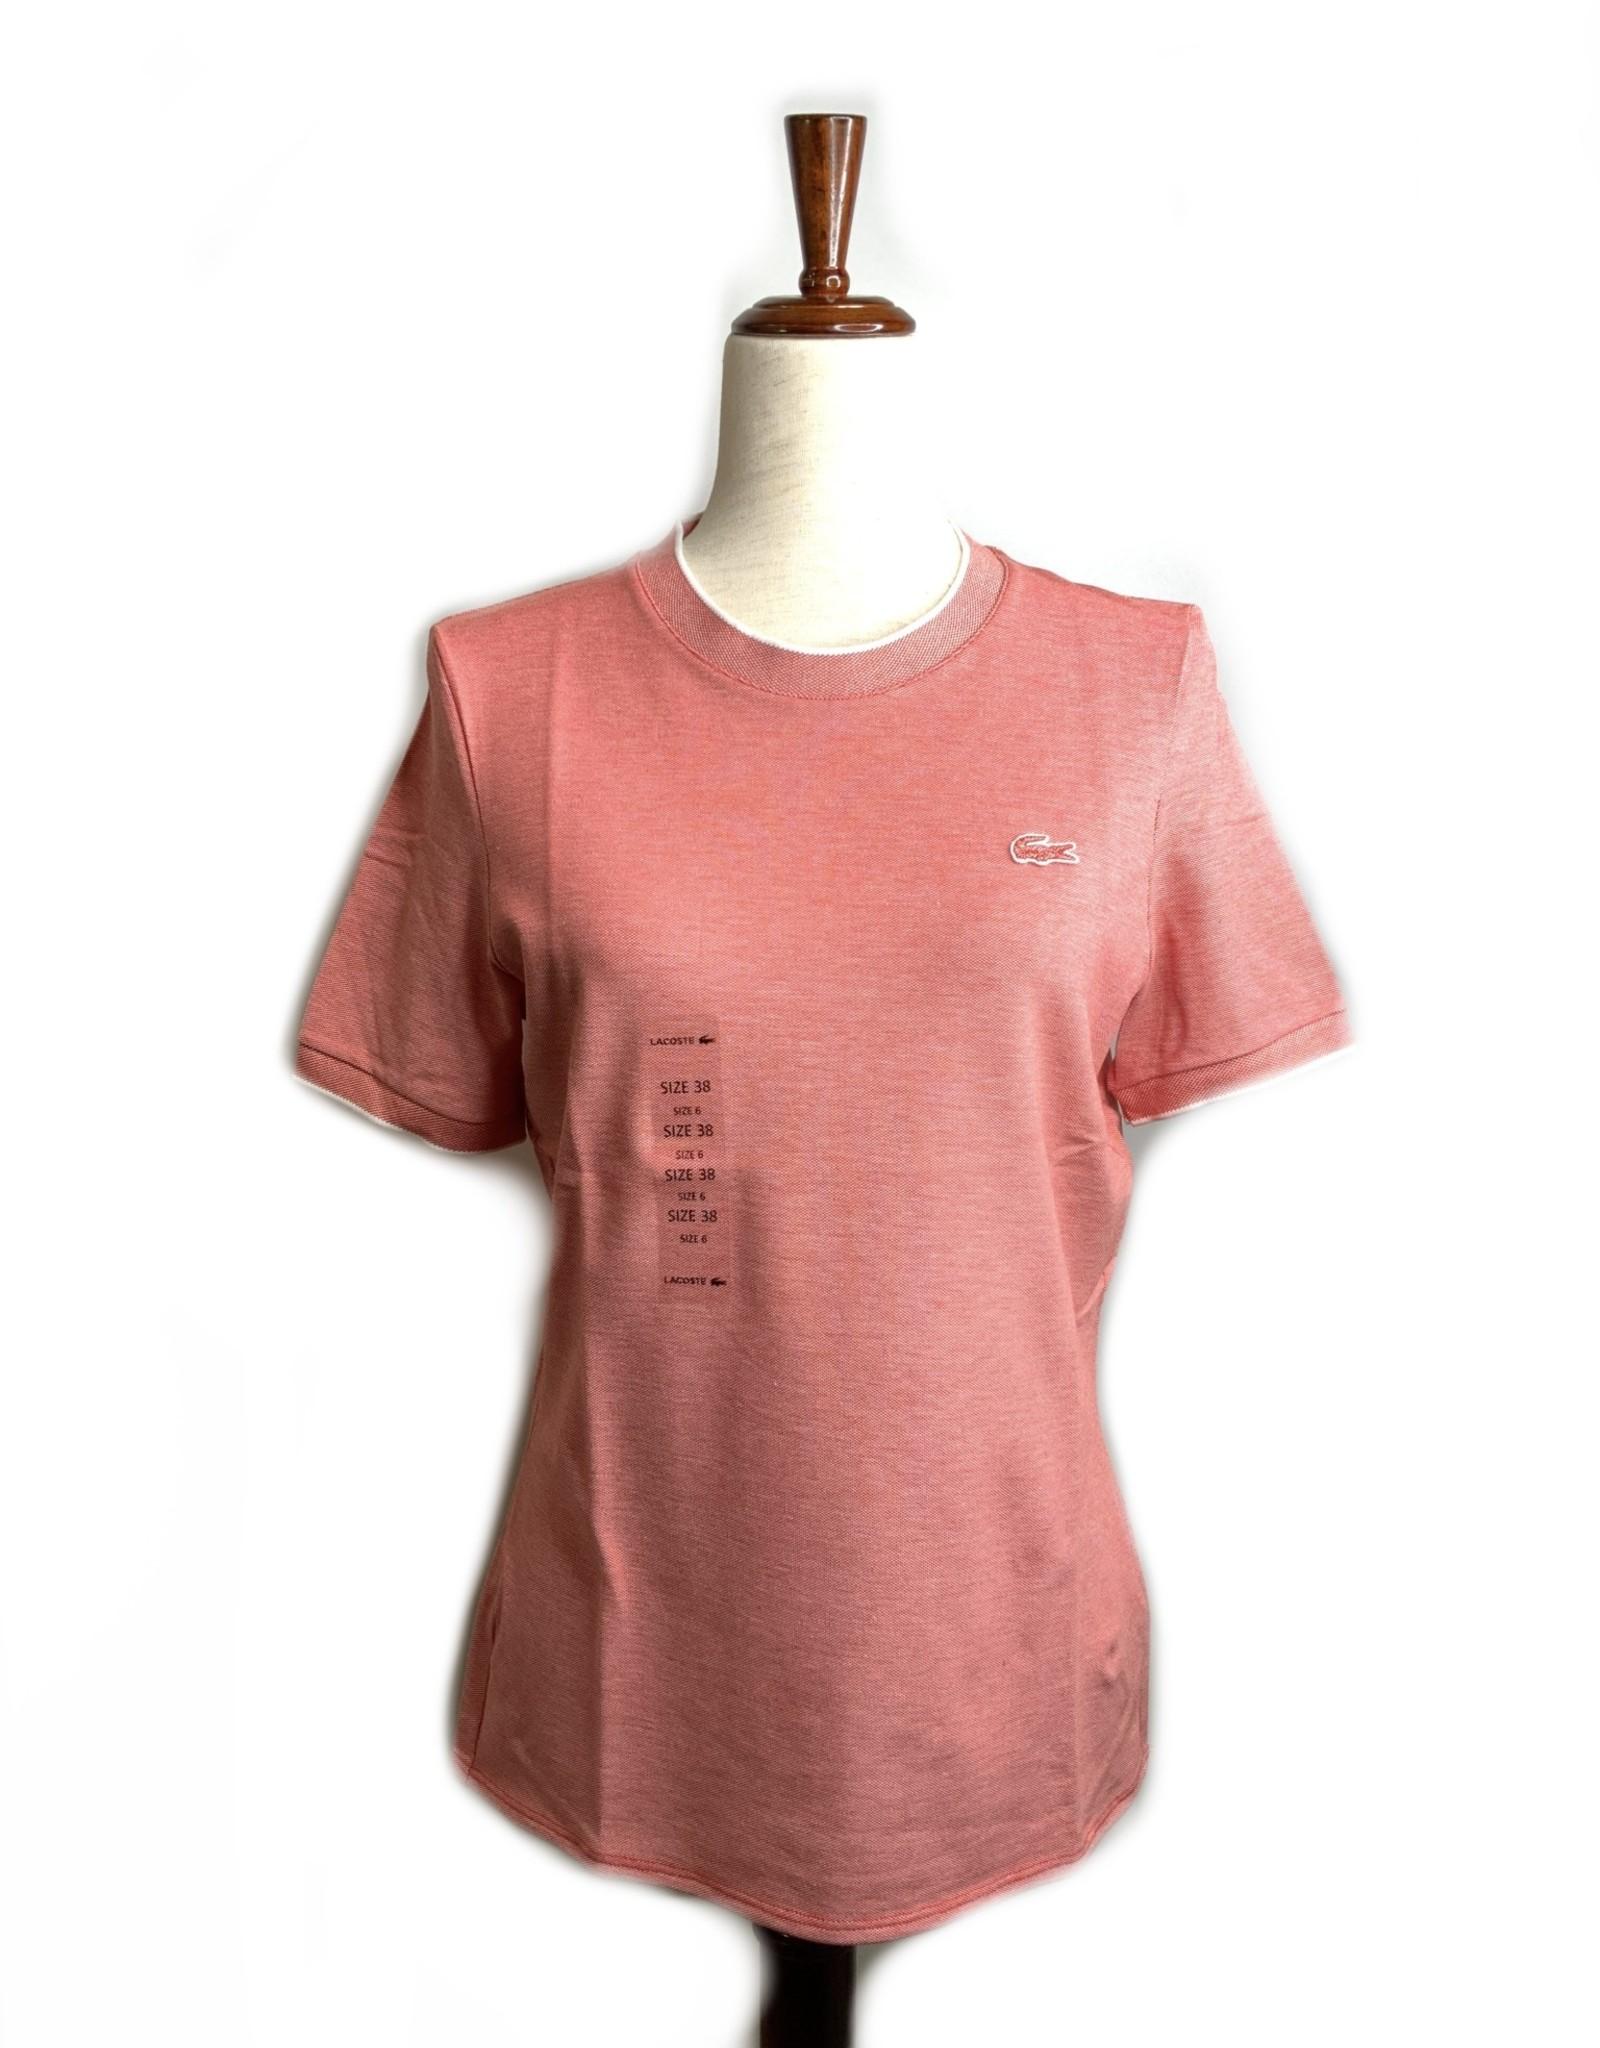 Lacoste Lacoste T-Shirt Crew Neck Cotton